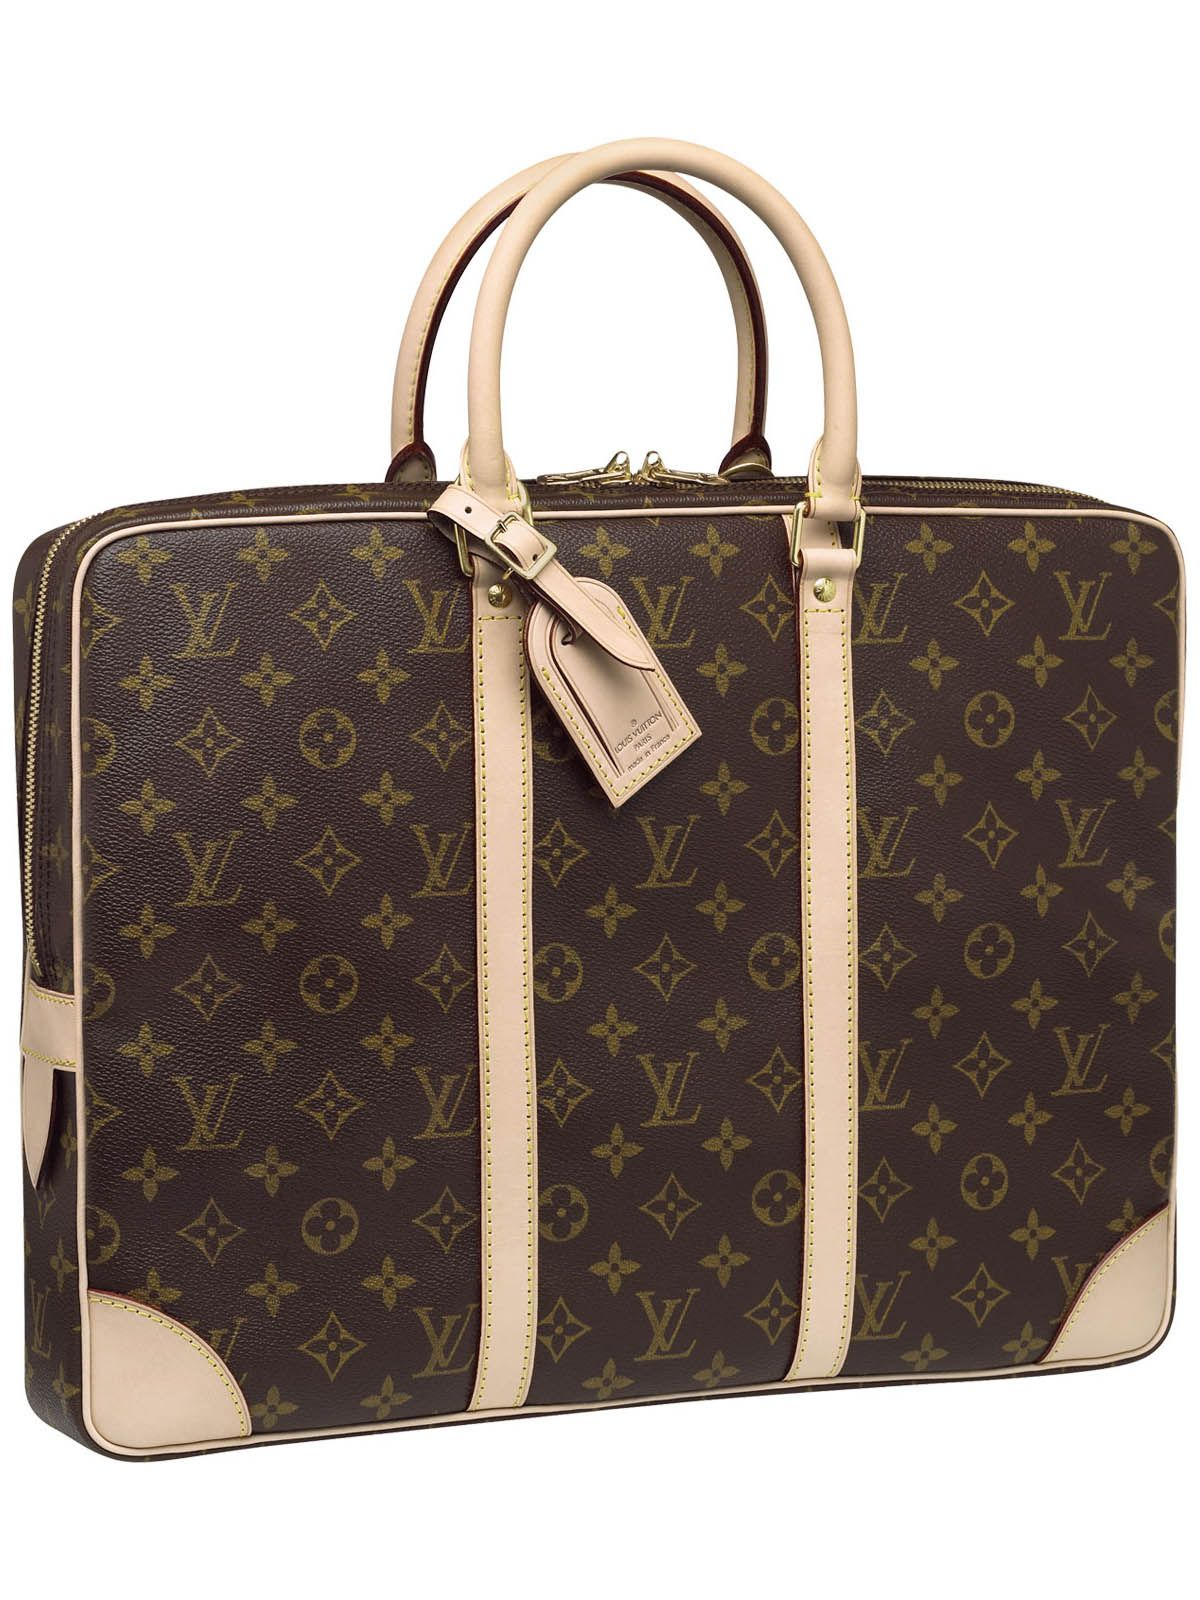 c591d17a2c335 Louis Vuitton Bags for Men